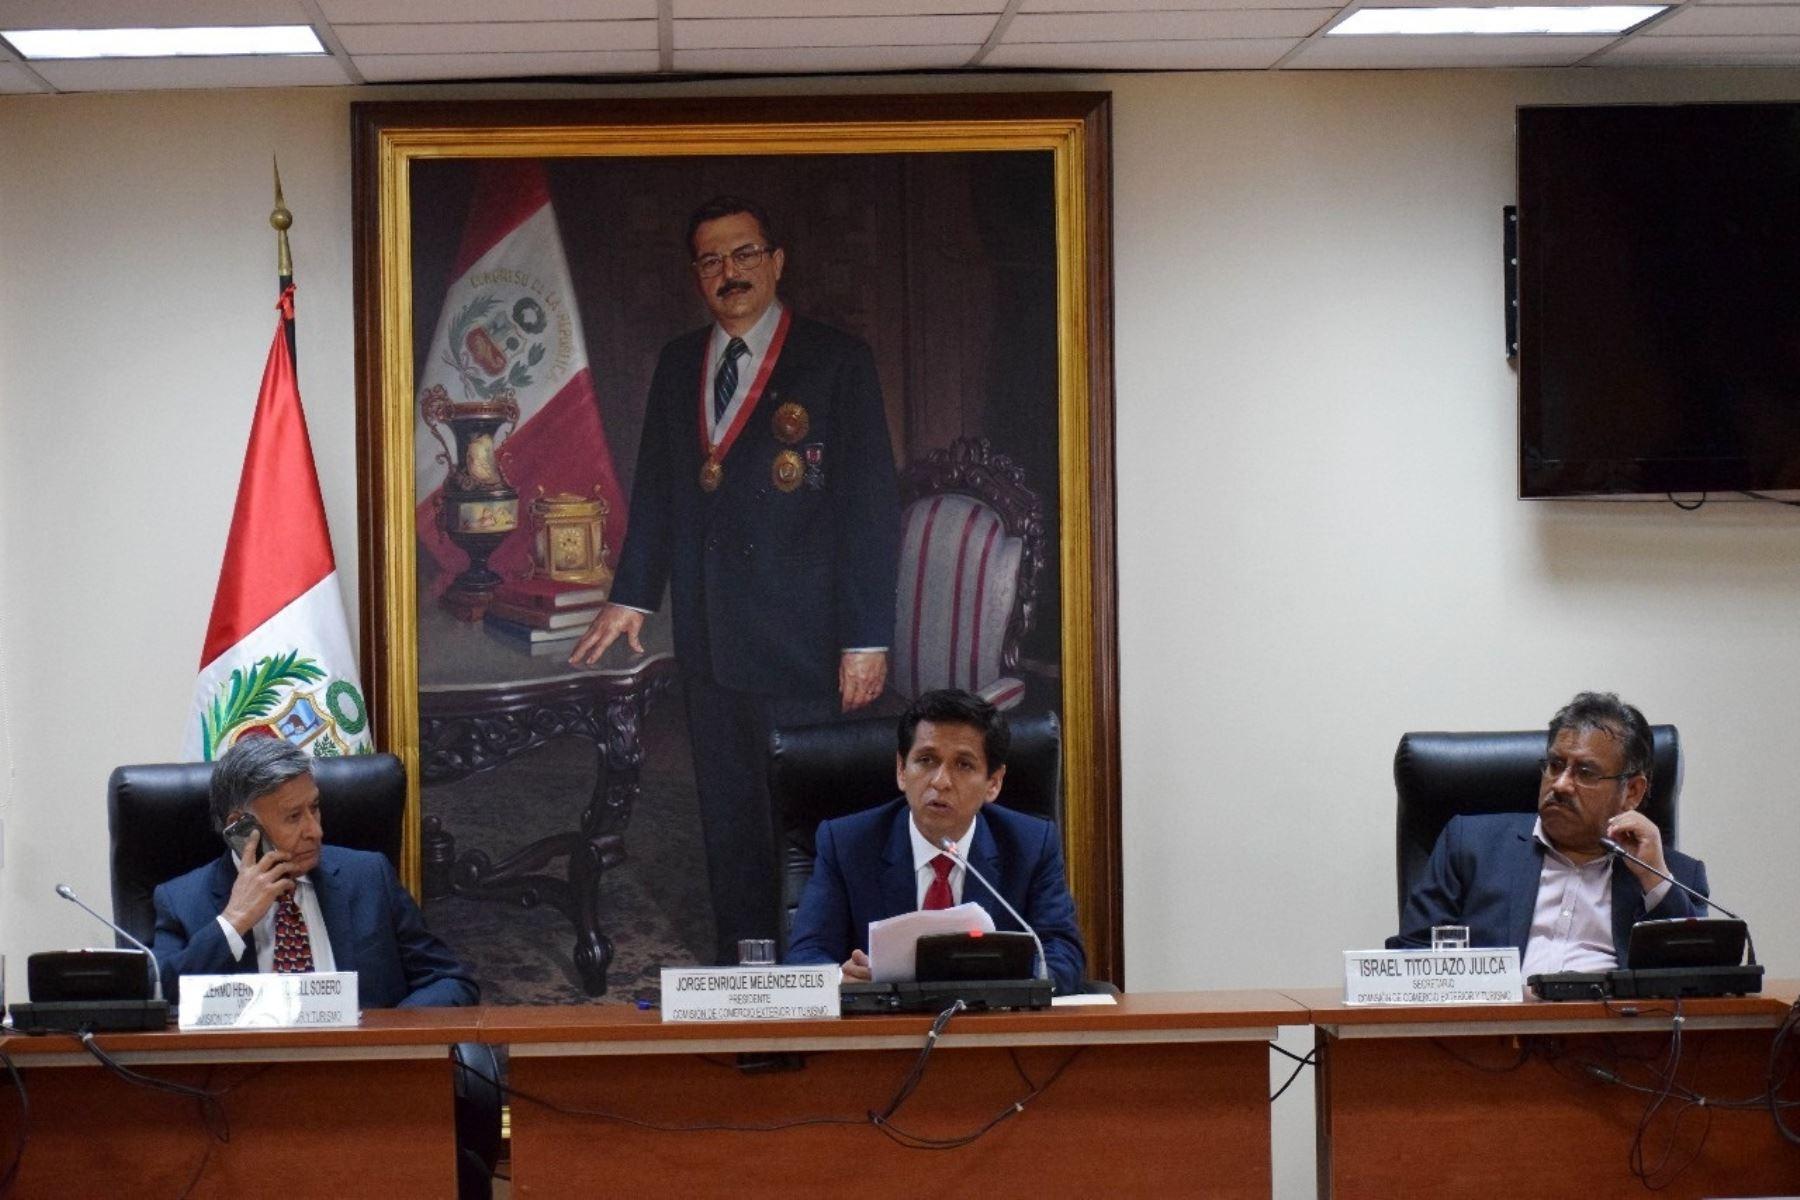 PPK afirma que no está obligado a comparecer ante ninguna comisión